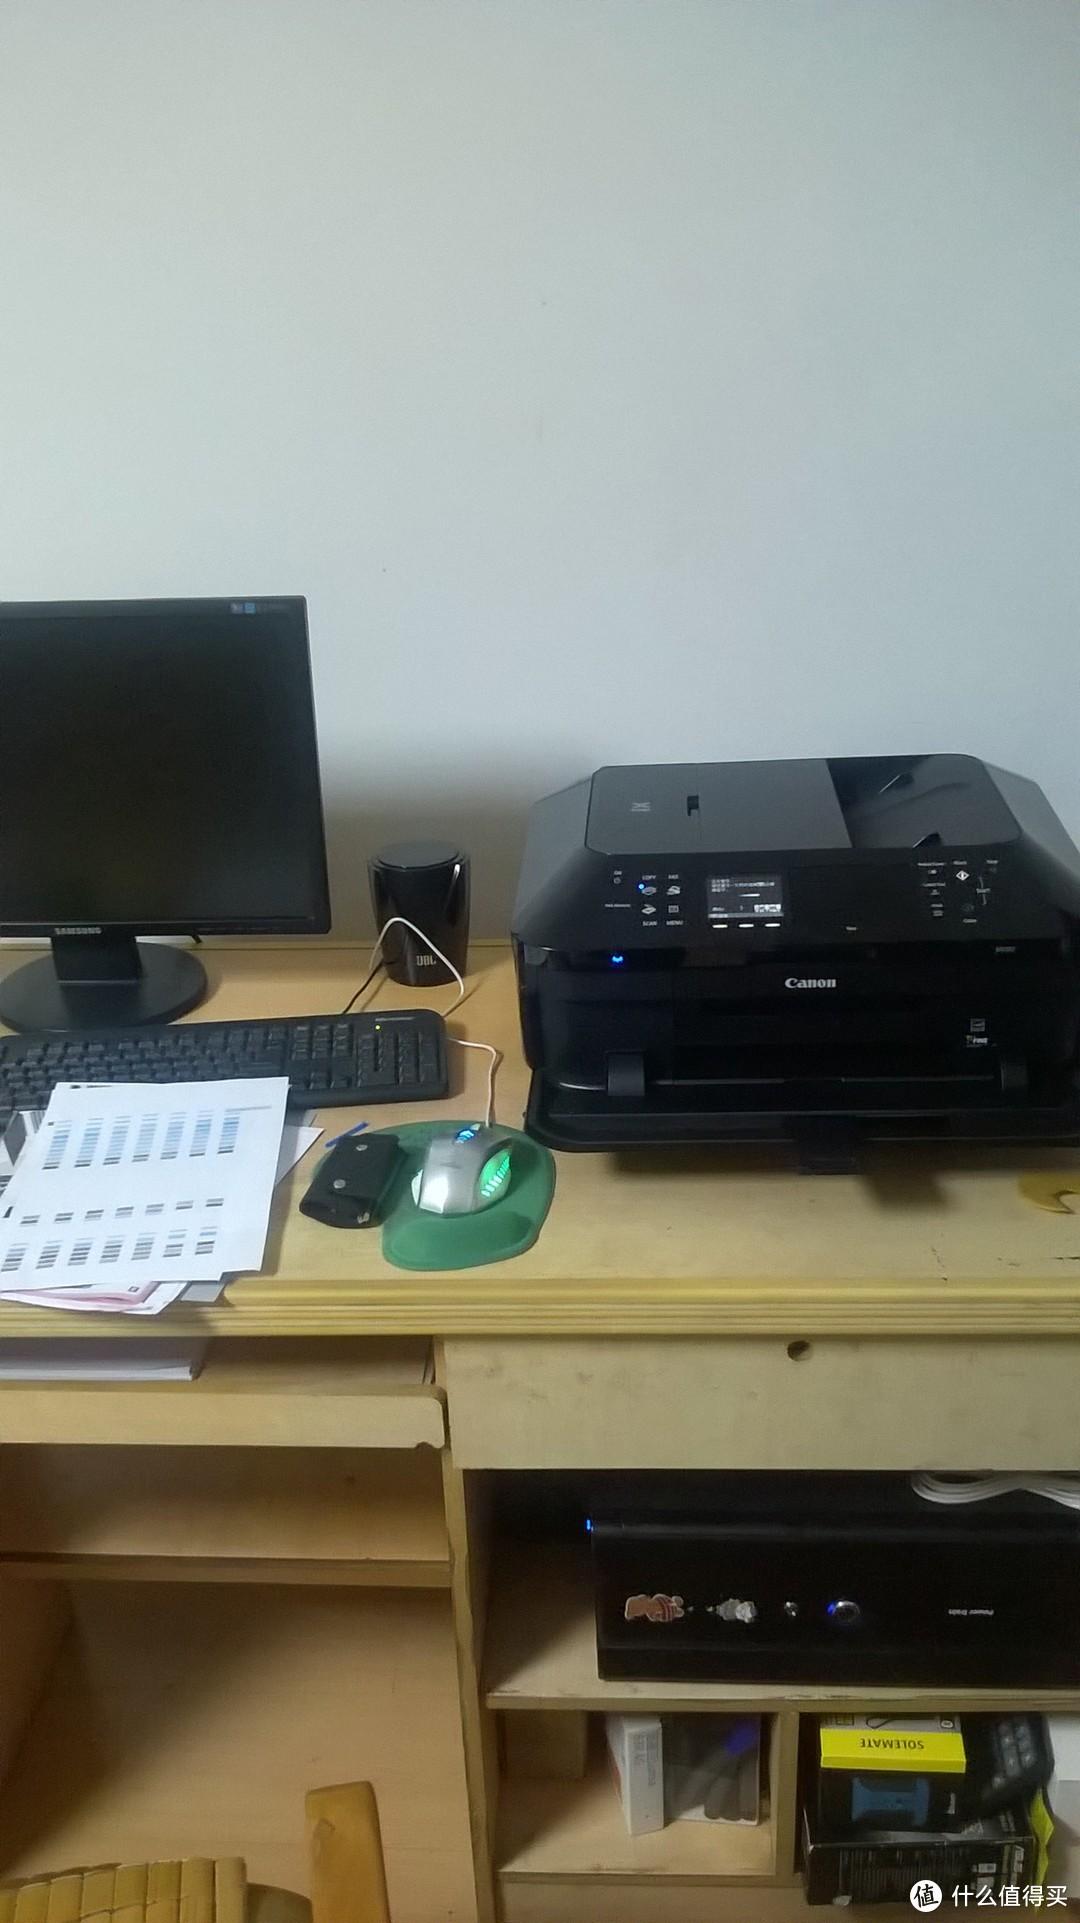 老妈家的电脑桌